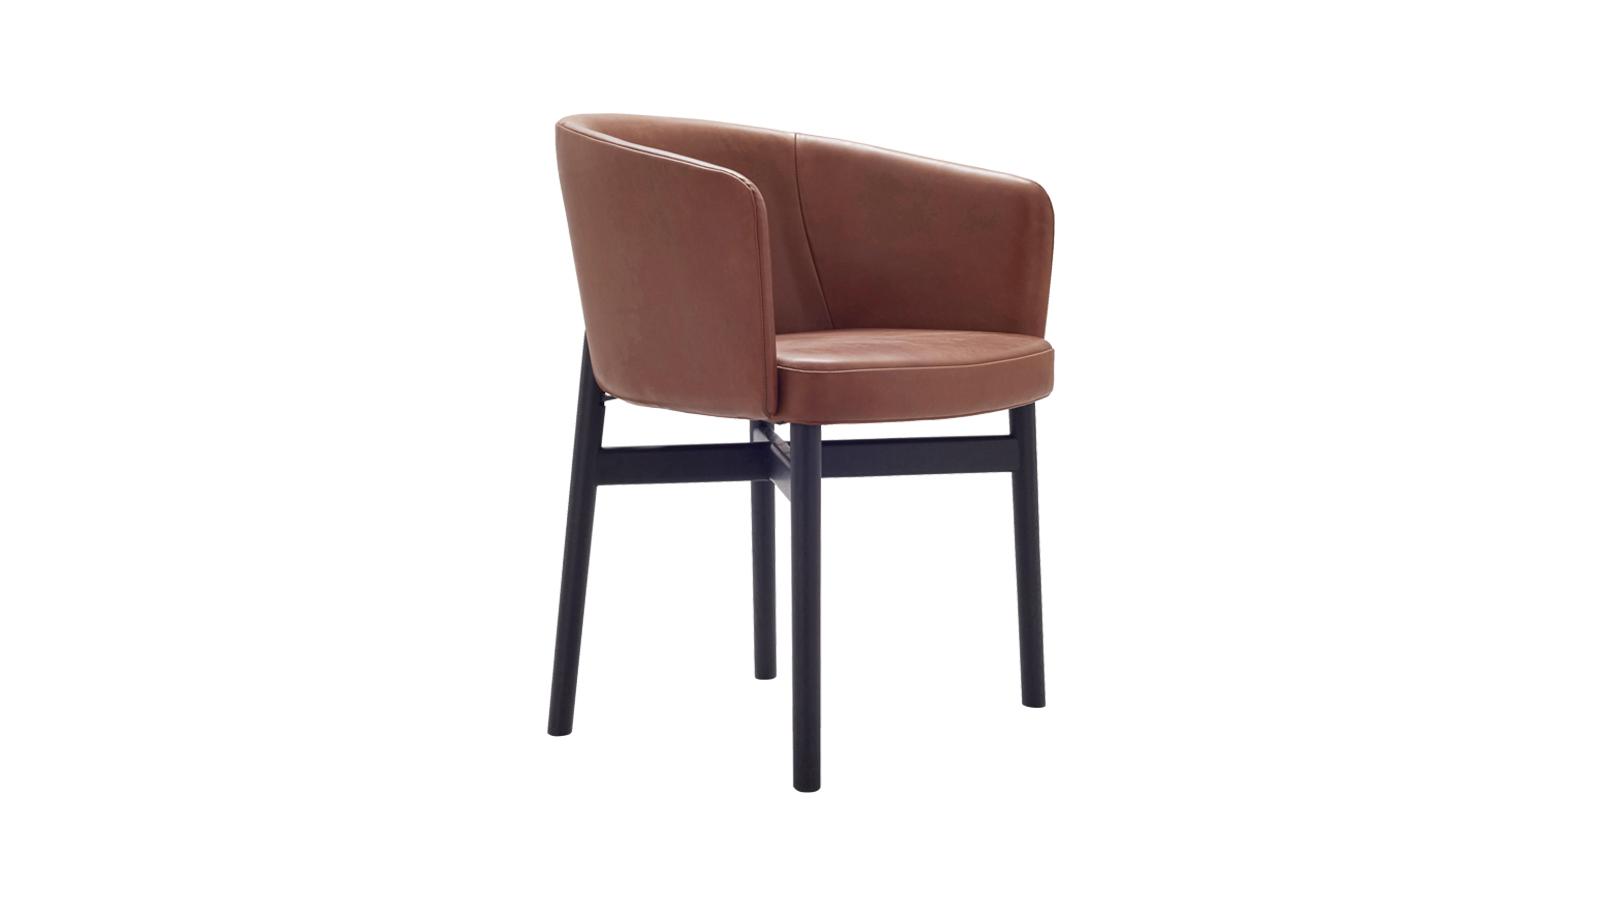 A székkollekció a visszafogott formákat társítja a kényelmes és nagyvonalú designnal. Az eredmény pedig egy minden elemében harmonikus bútor, amely három változatban is elérhető: egy szék, egy karosszék alacsony kartámasszal és egy másik karosszék, eltérő háttámlával. Az uniszex székek számos huzattal állnak rendelkezésre.